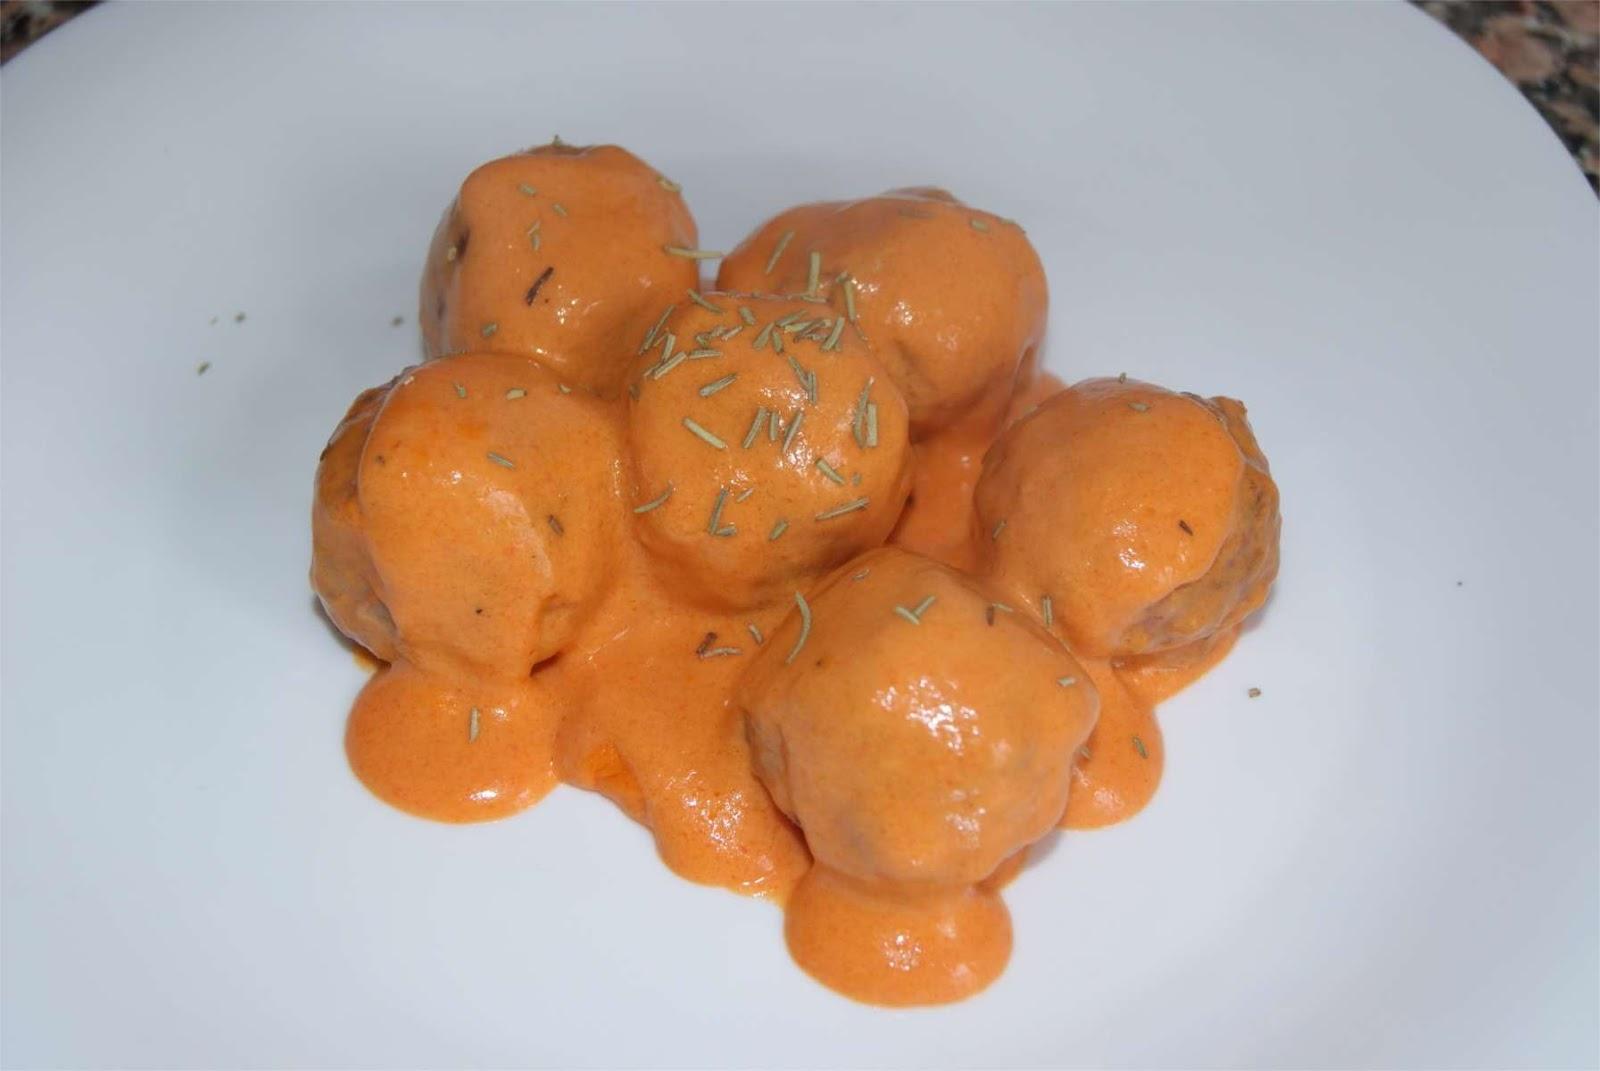 ingredientes para hacer esteroides caseros